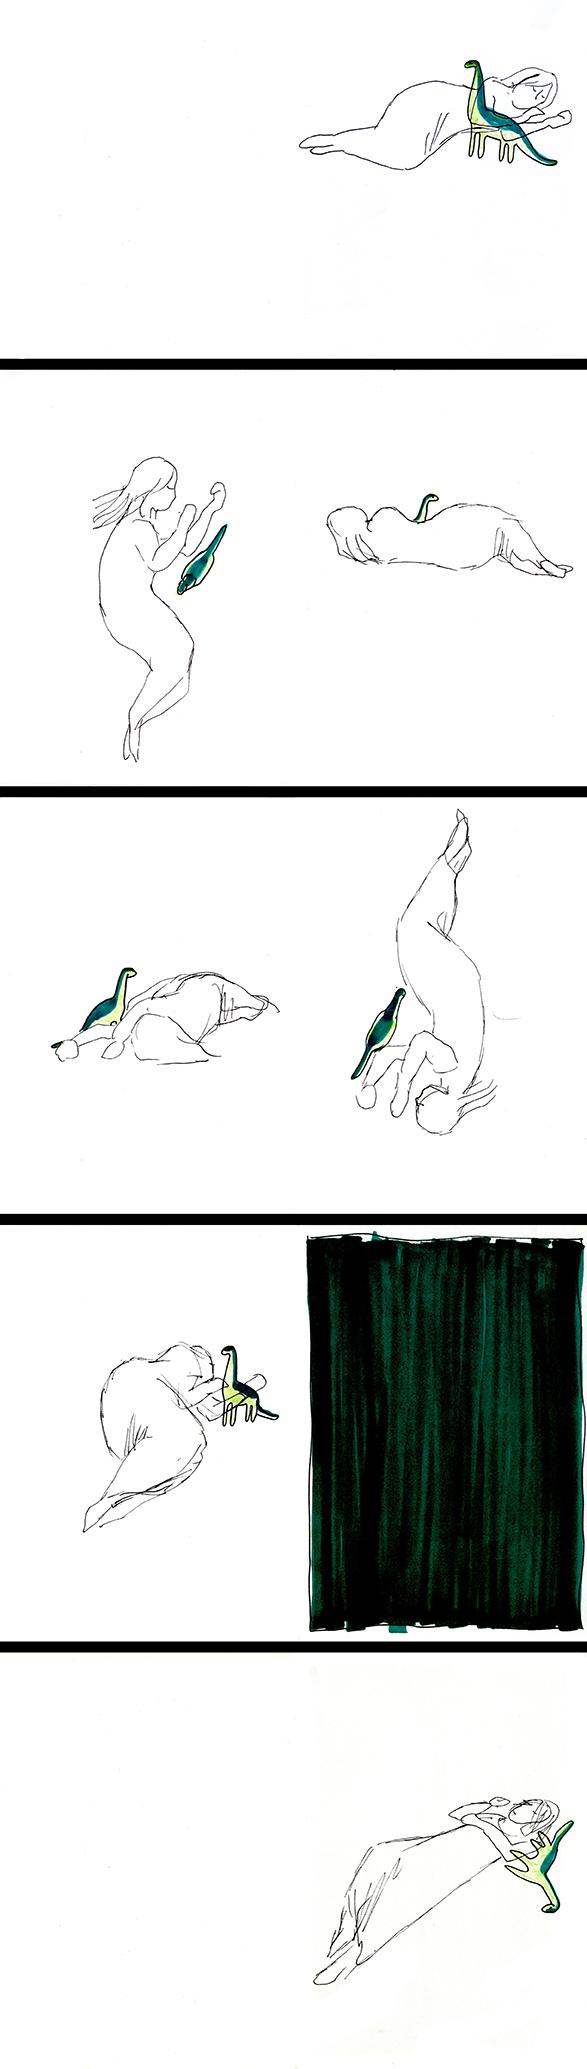 Nukkuminen_dinosaurus_n